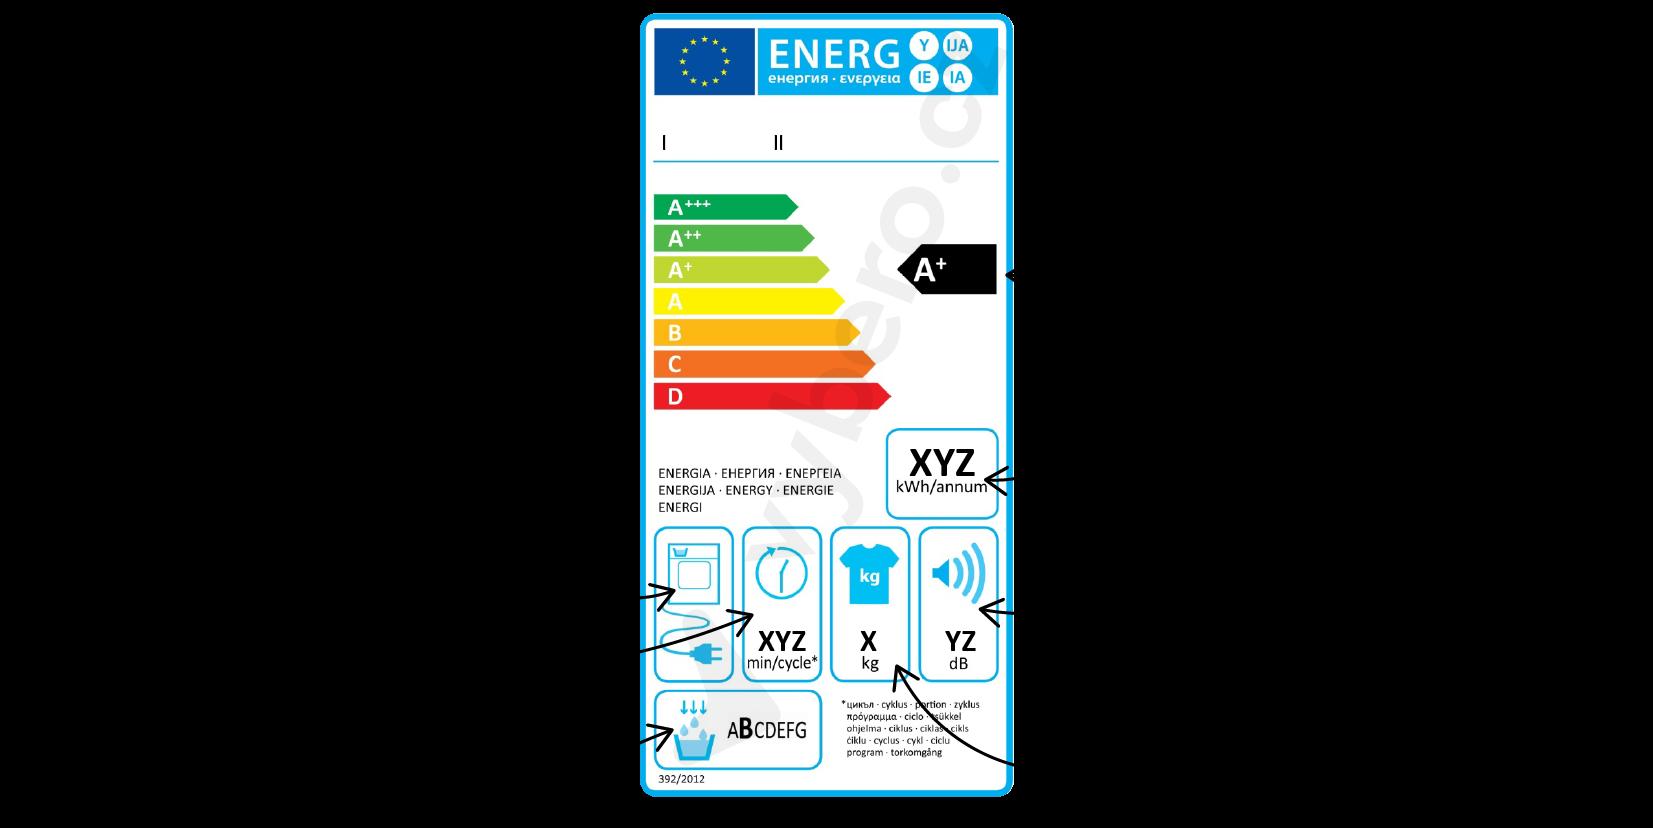 Energetický štítek sušičky včetně popisků